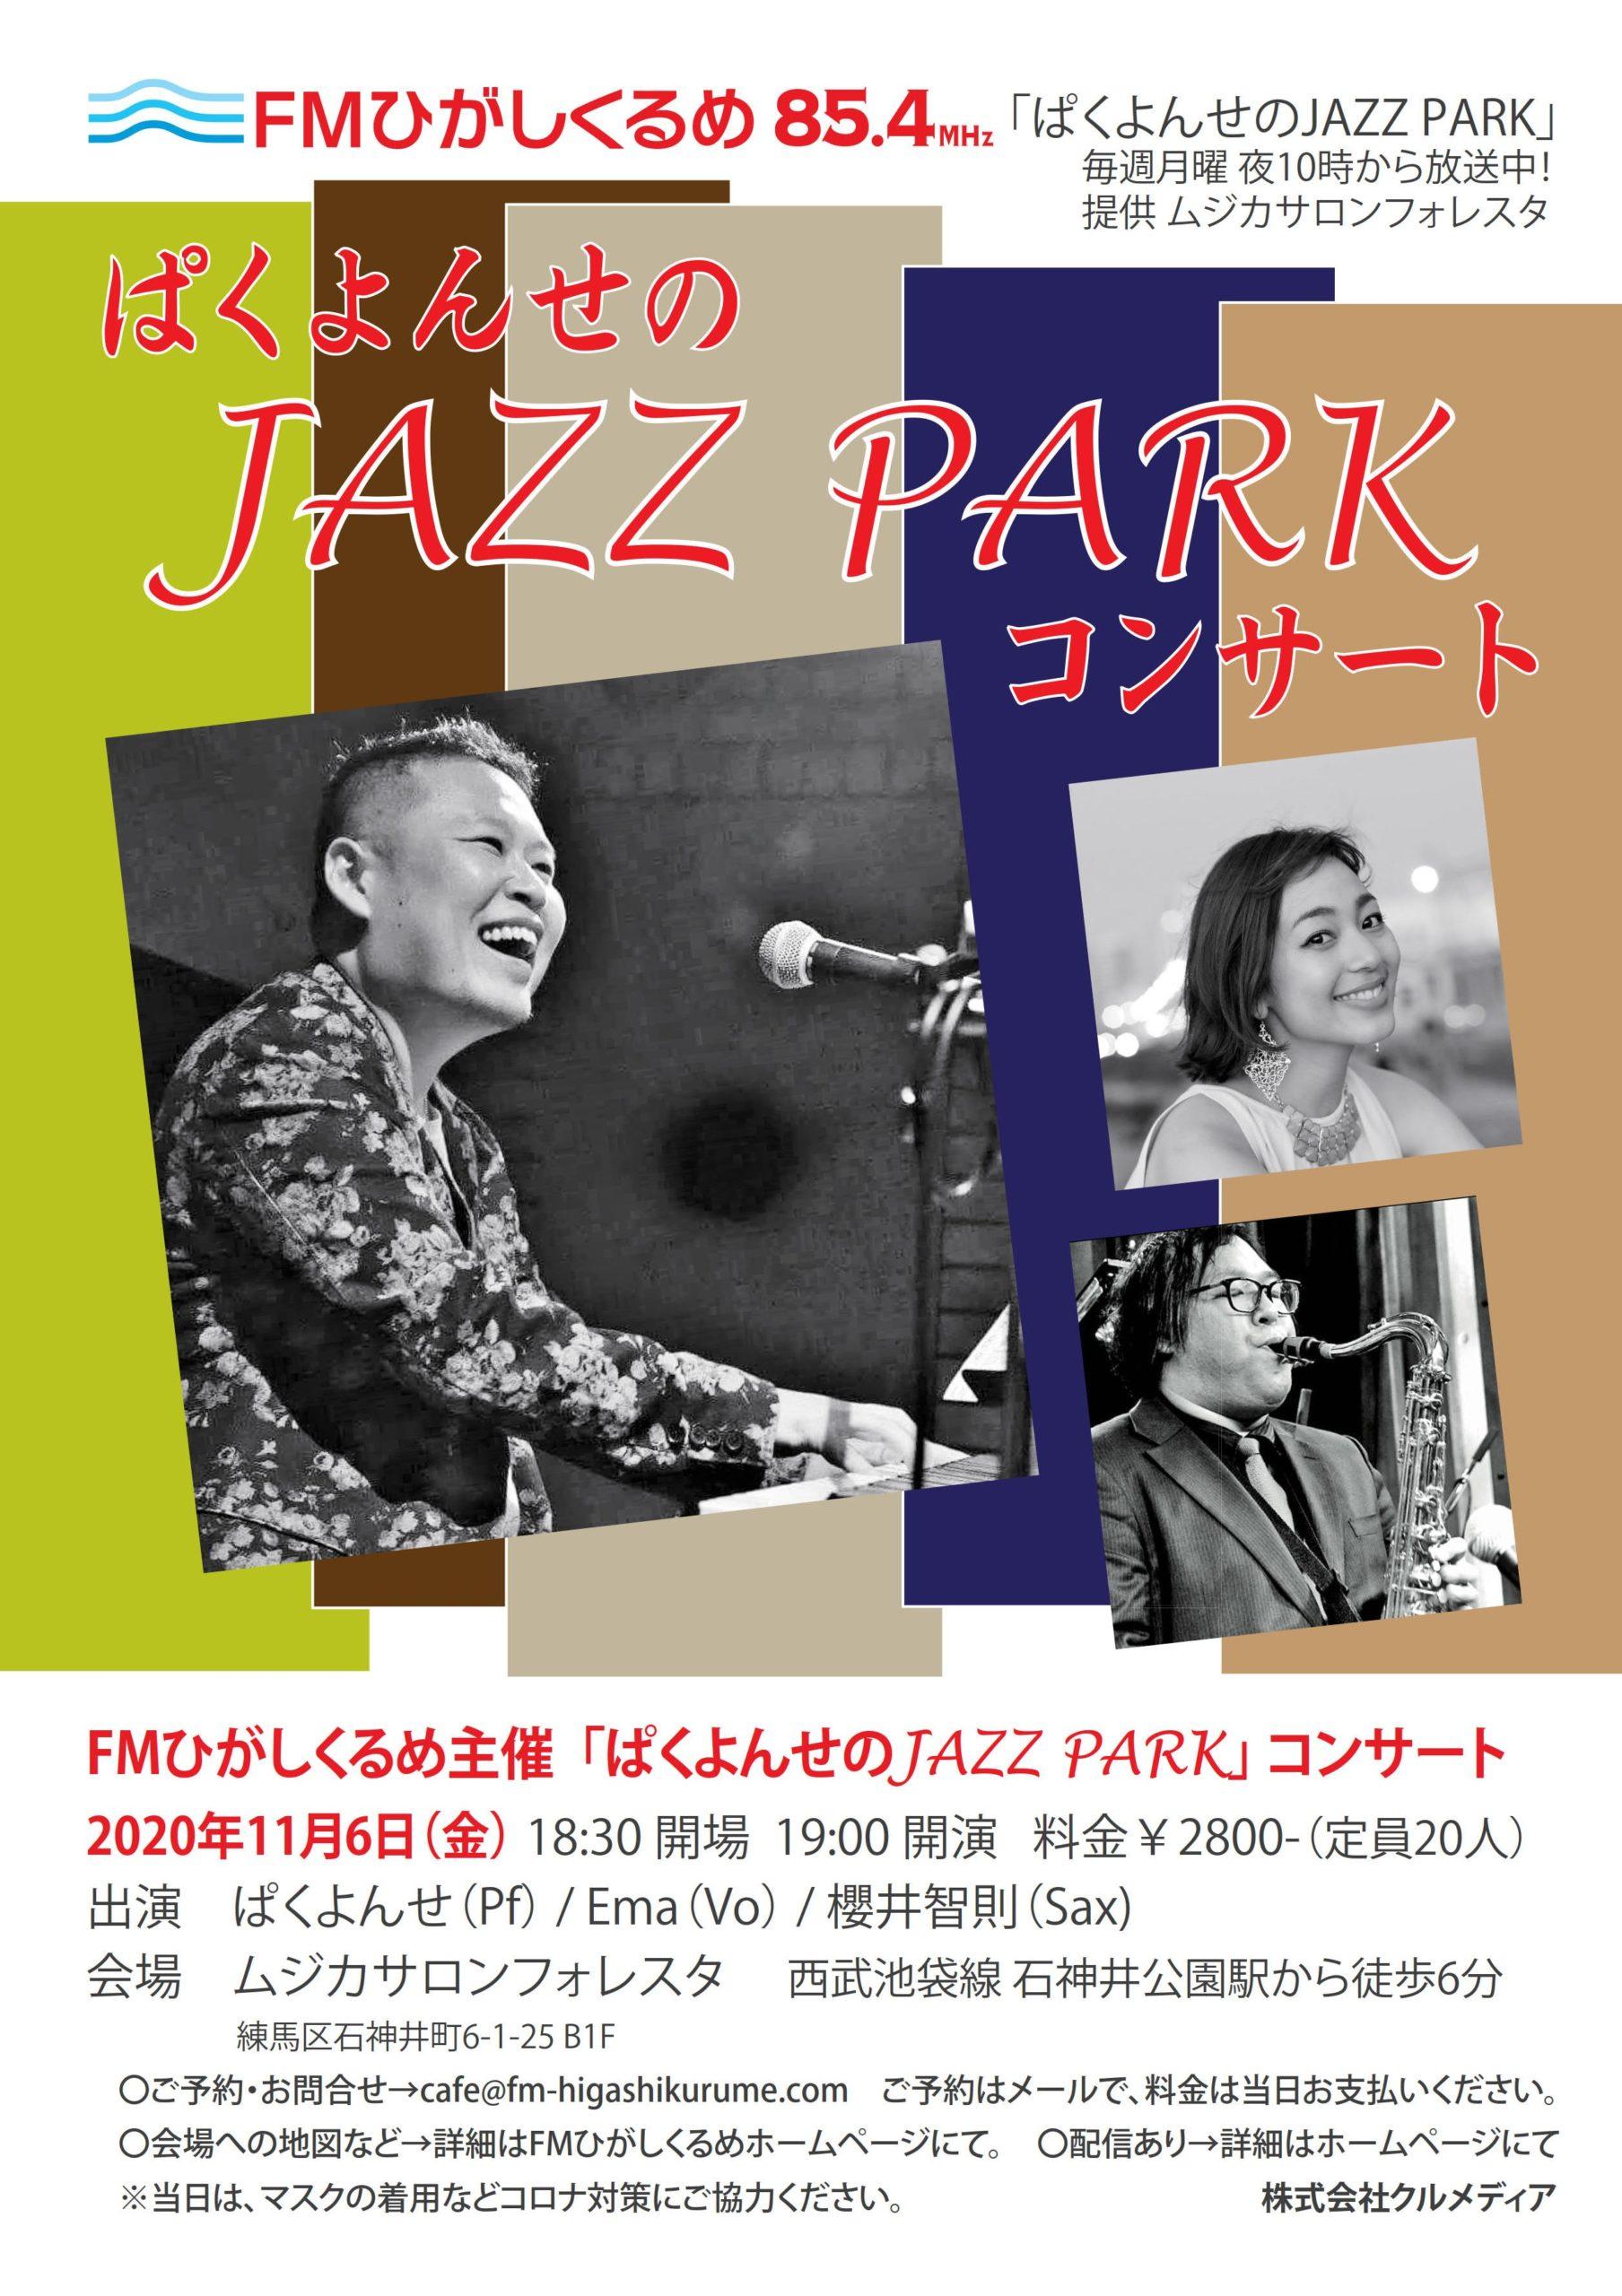 「ぱくよんせのJAZZPARK」コンサート 11/6開催